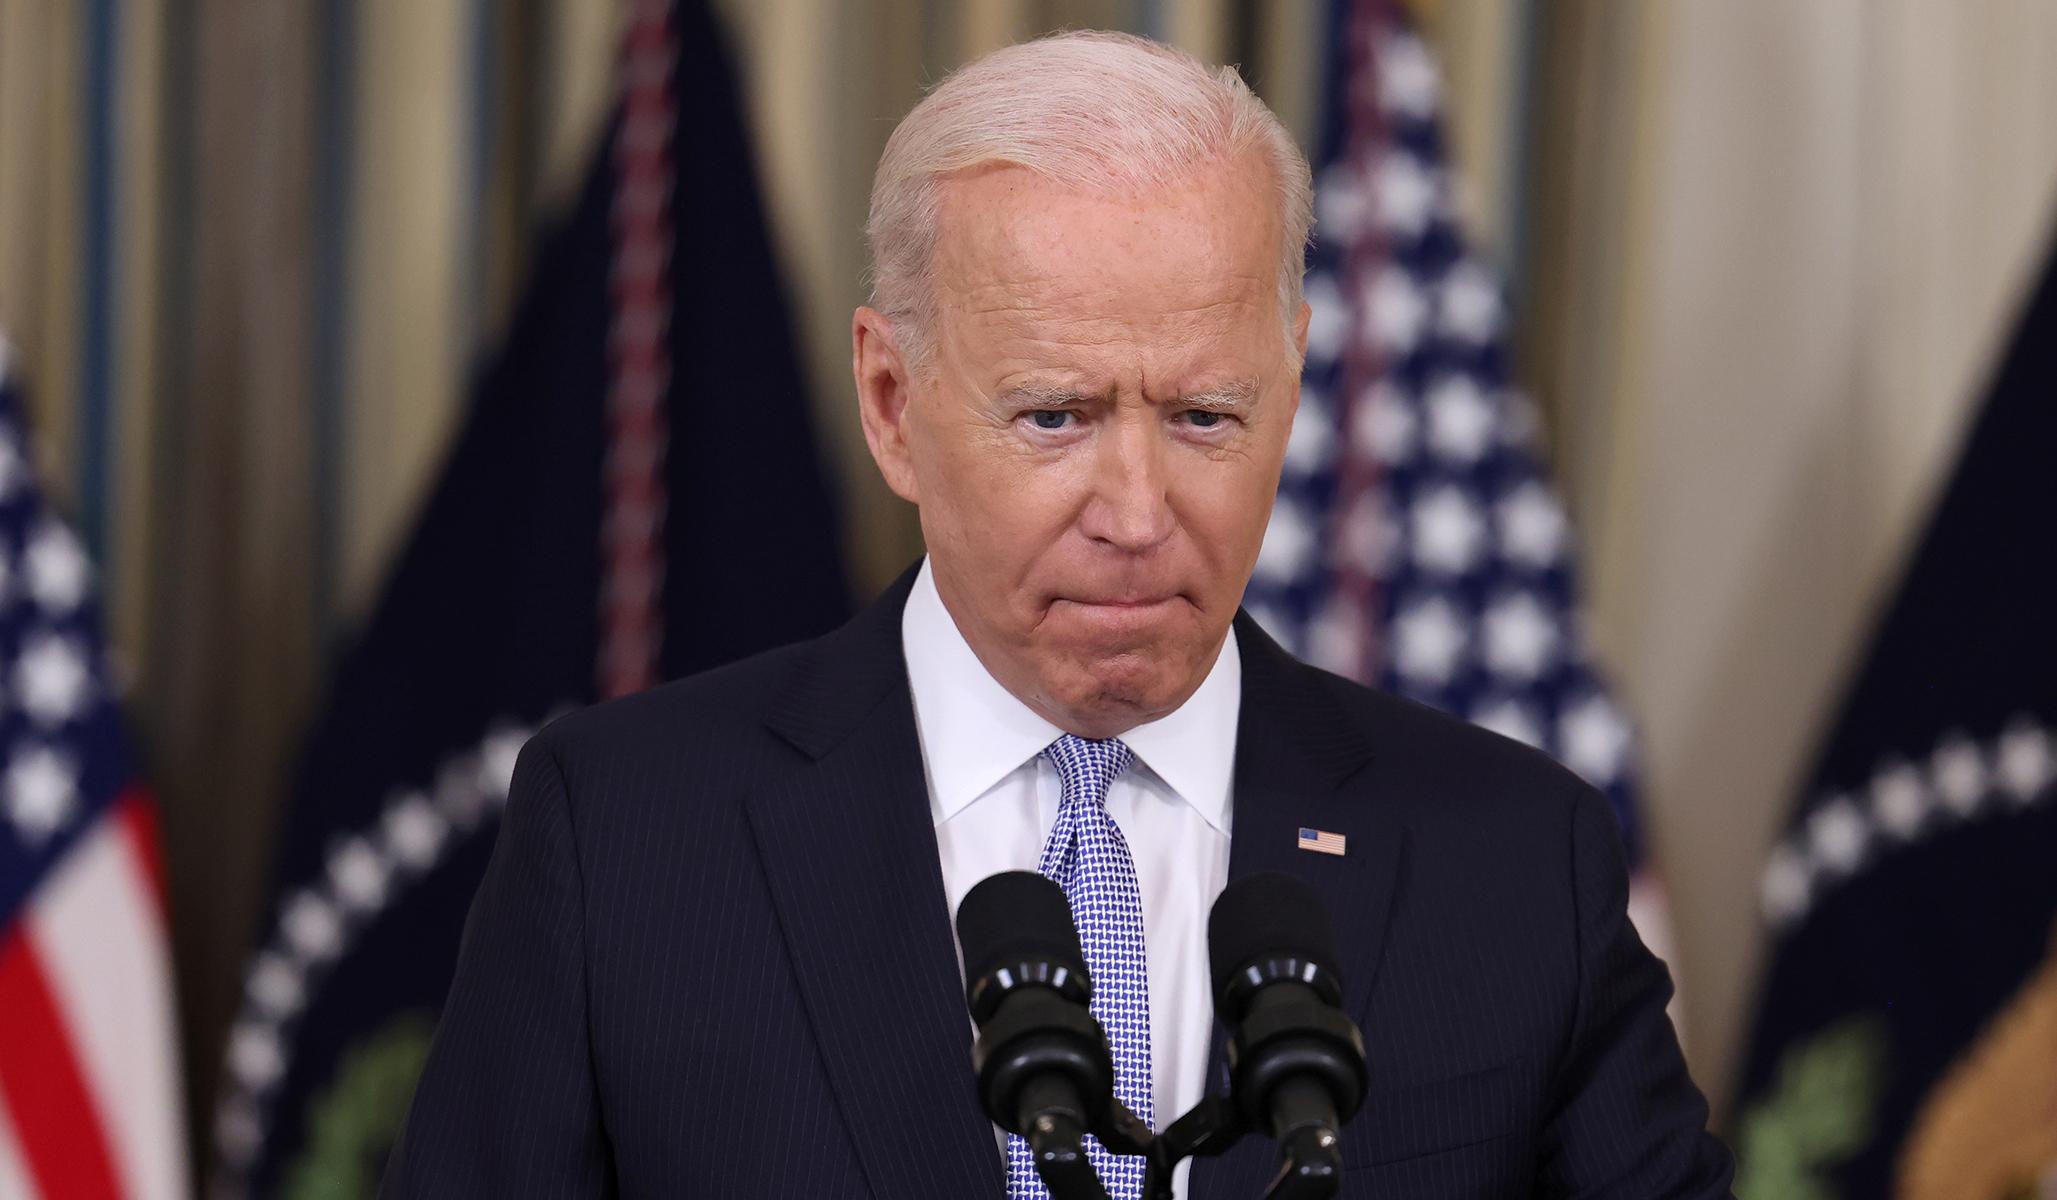 Apakah Joe Biden Berbohong tentang Nasihat Pentagon tentang Afghanistan?  Atau Bisakah Dia Benar-Benar Tidak Ingat?